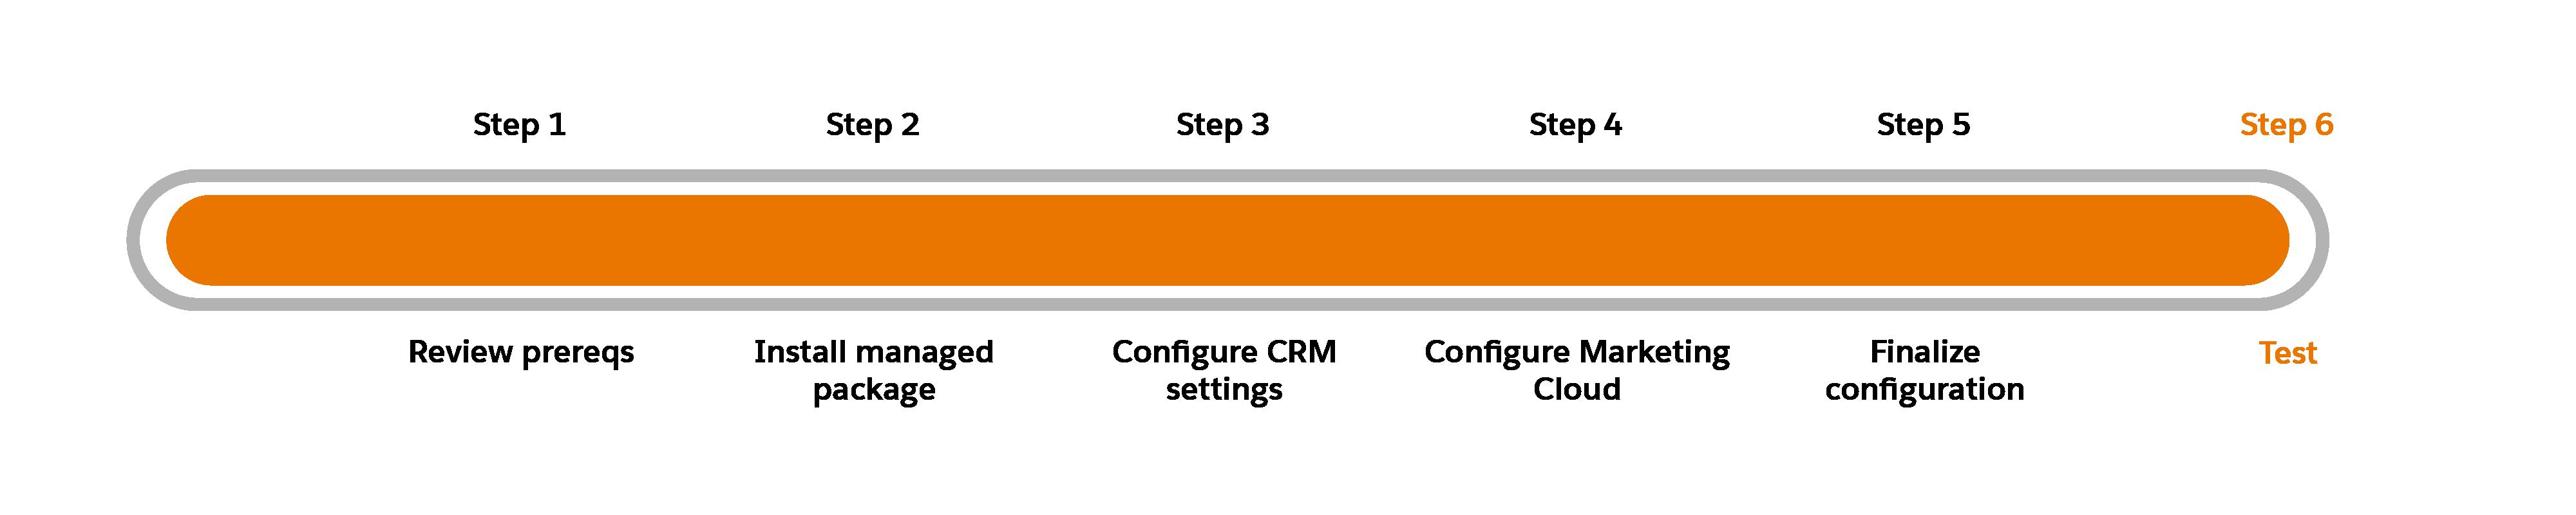 Schéma de progression avec l'étape6, Test, en surbrillance.